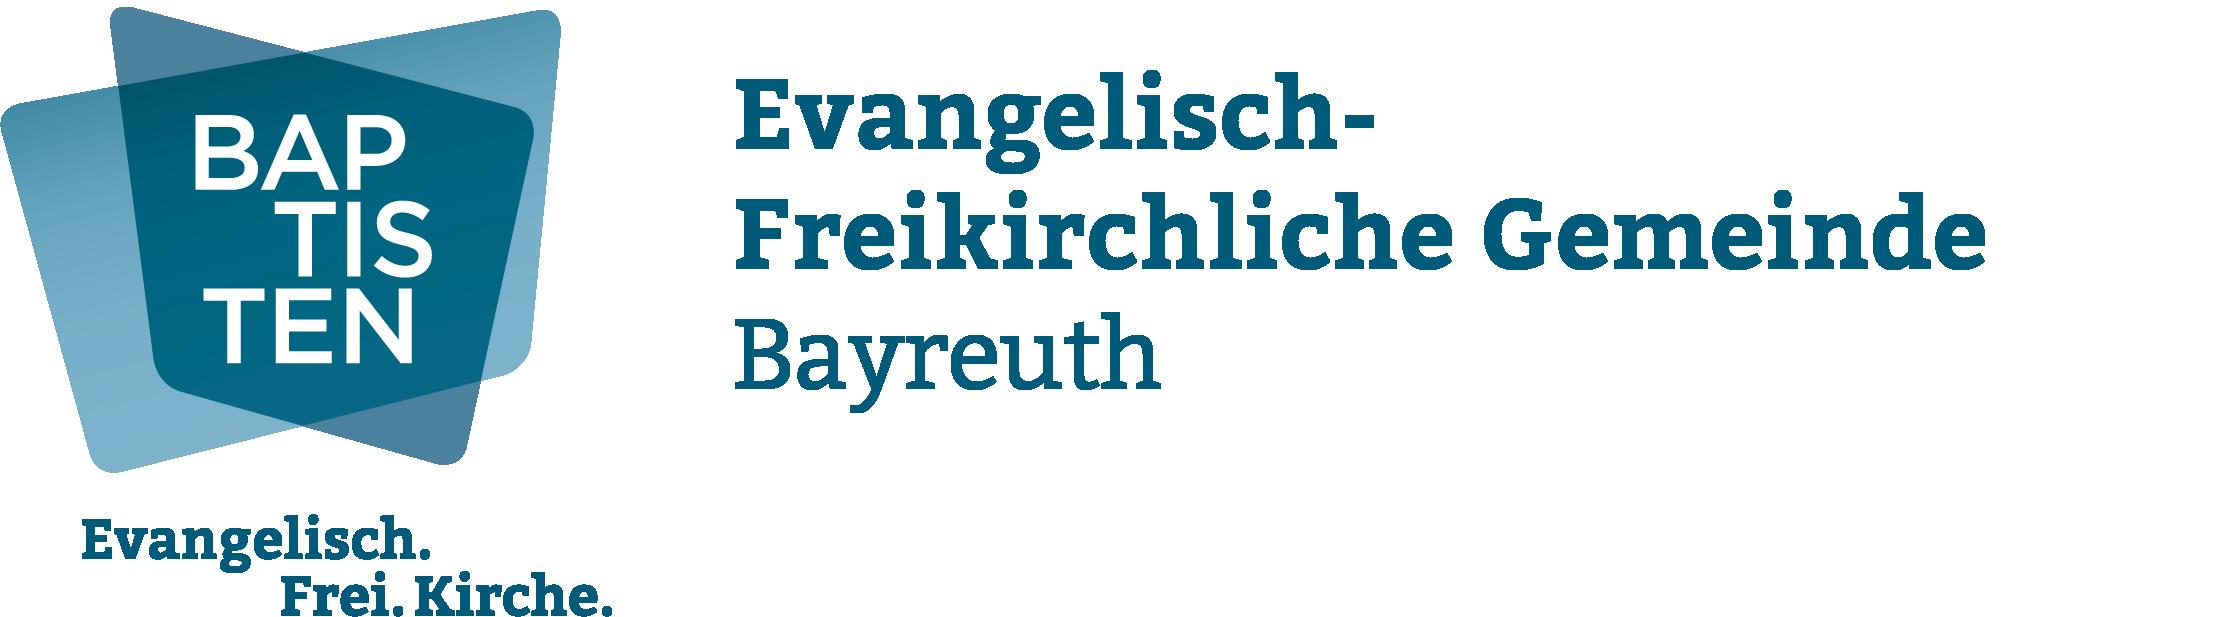 EFG Bayreuth - Evangelisch Freikirchliche Gemeinde (Baptisten)